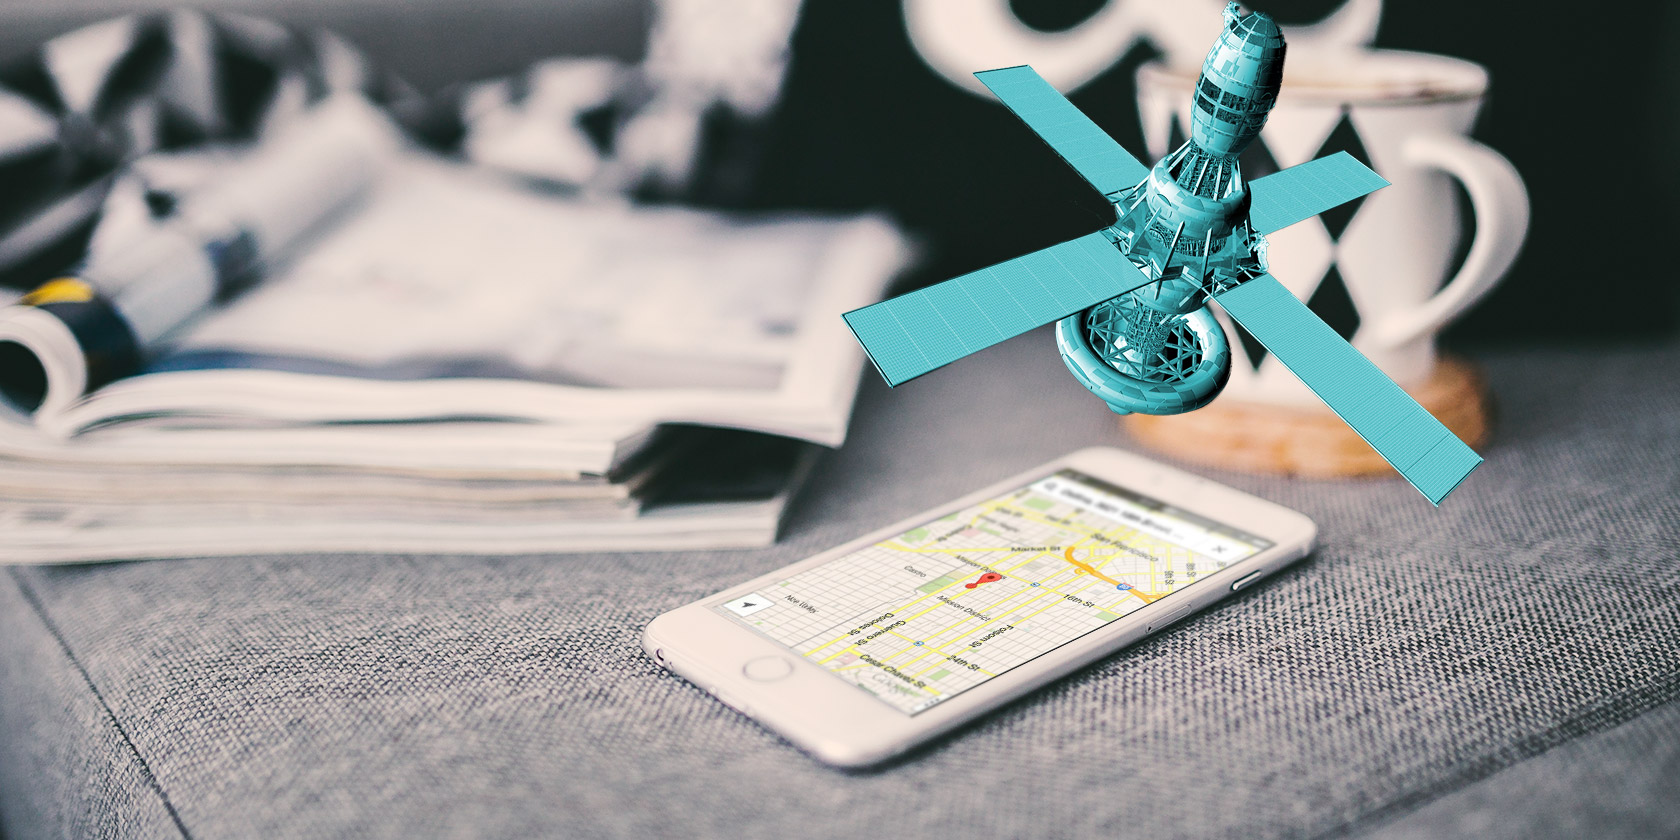 enable-gps-iphone